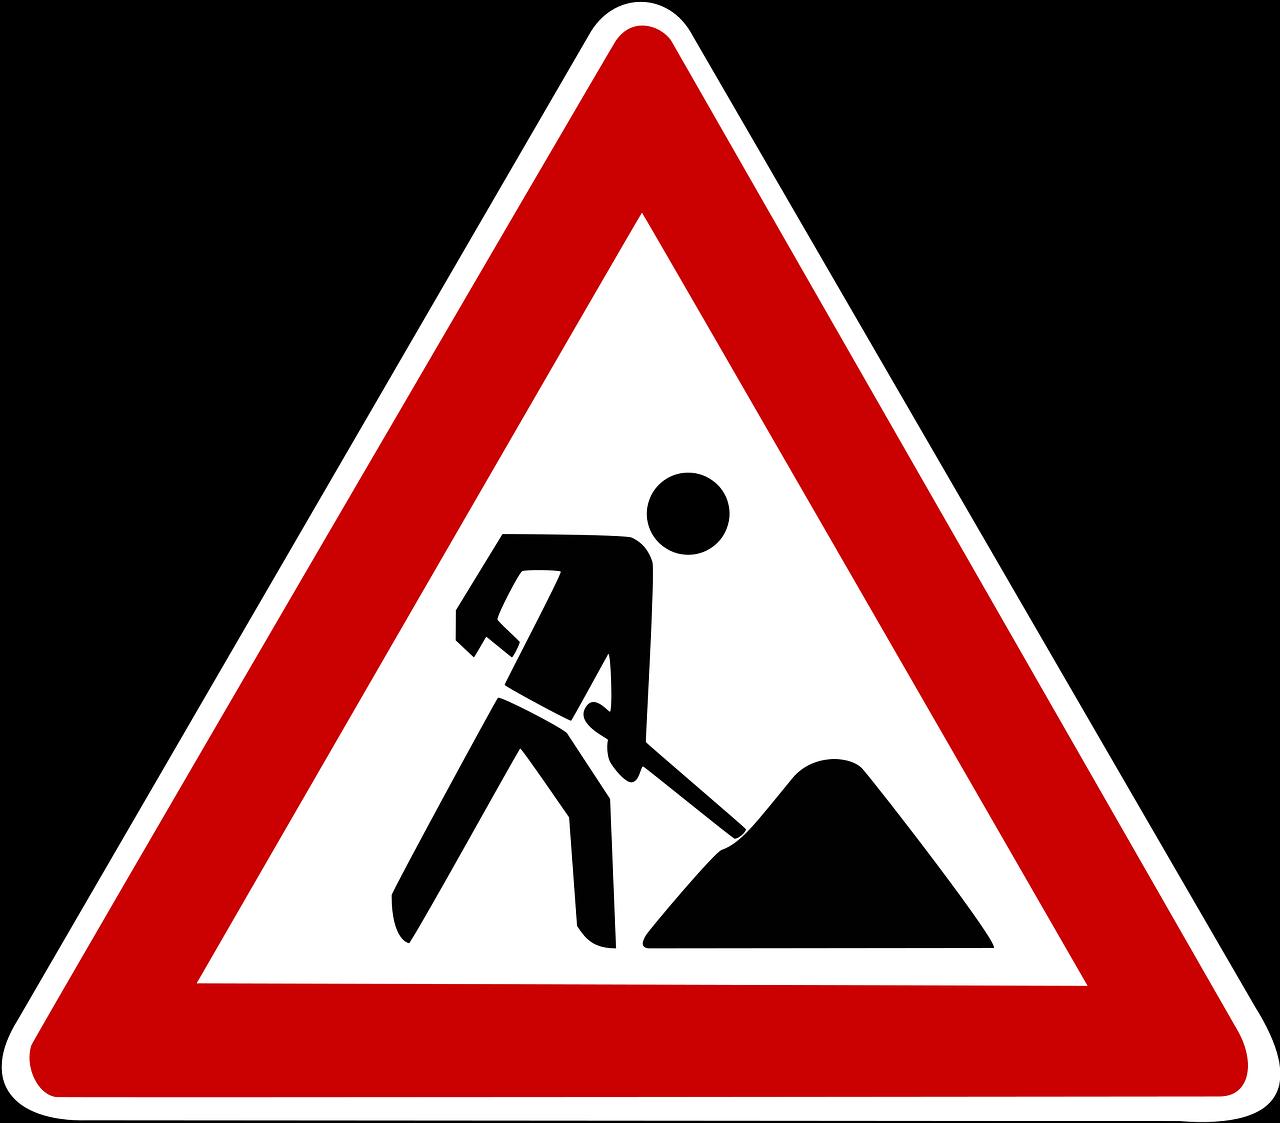 Kostenloses Bild auf Pixabay - Verkehrsschild, Verkehrszeichen |  Baustellenschild, Verkehrsschilder, Straßenschilder